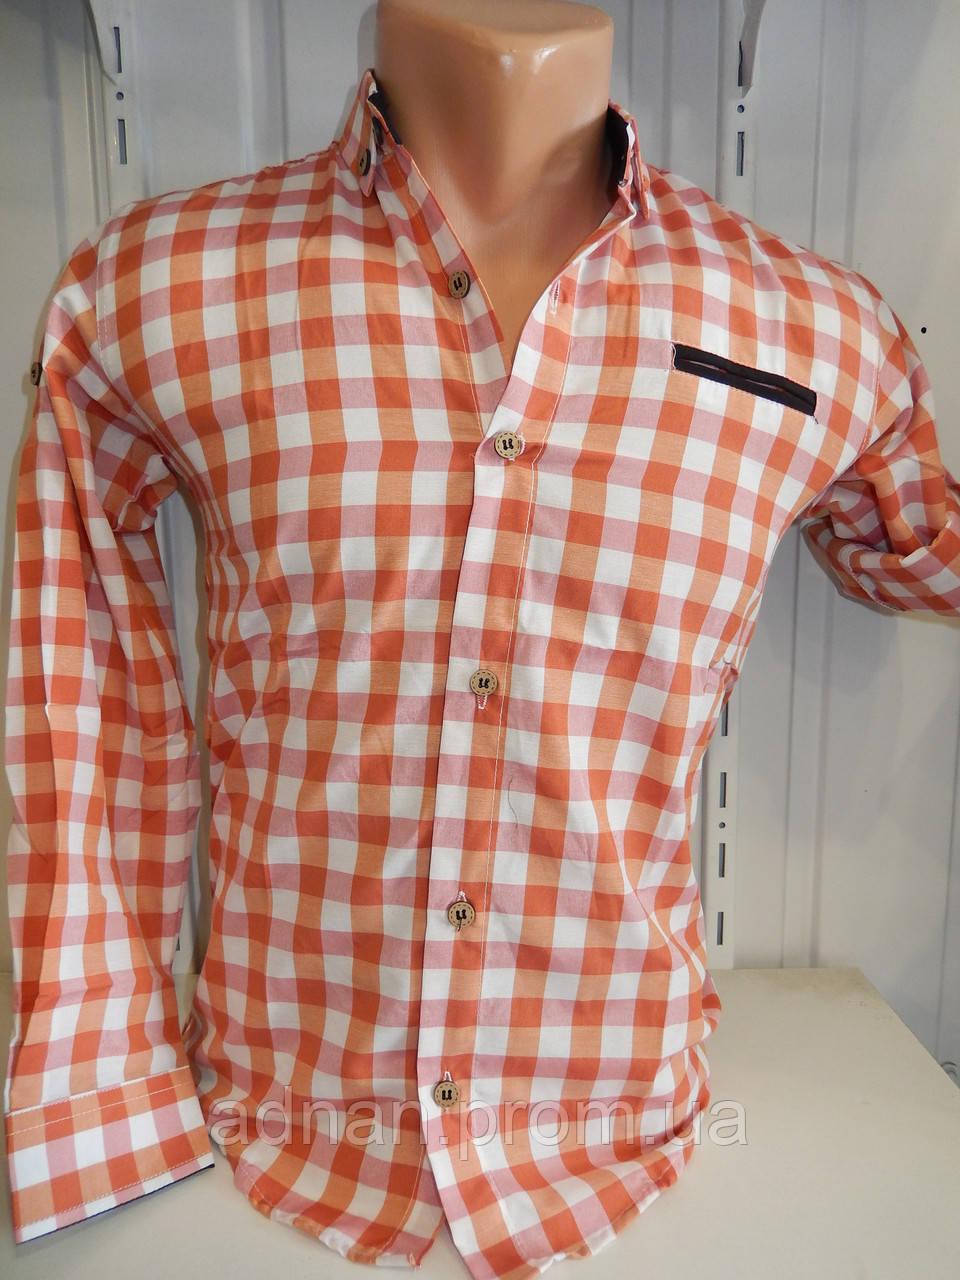 Рубашка детская YG длиный-короткий рукав, клетка средняя 004/ купить школьную рубашку оптом